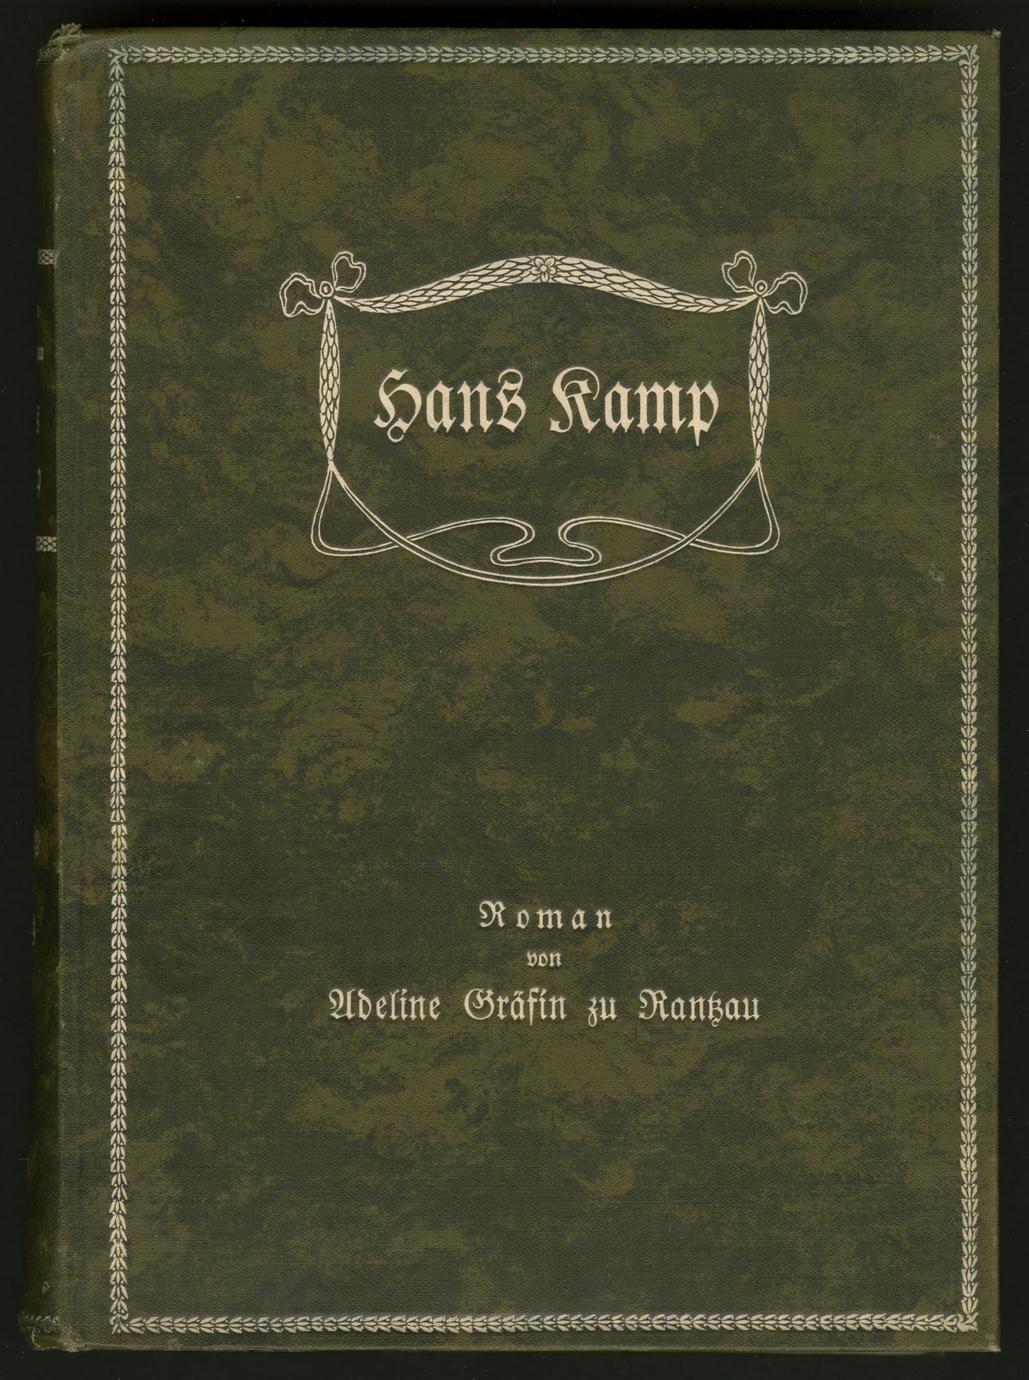 Hans Kamp (1 of 3)